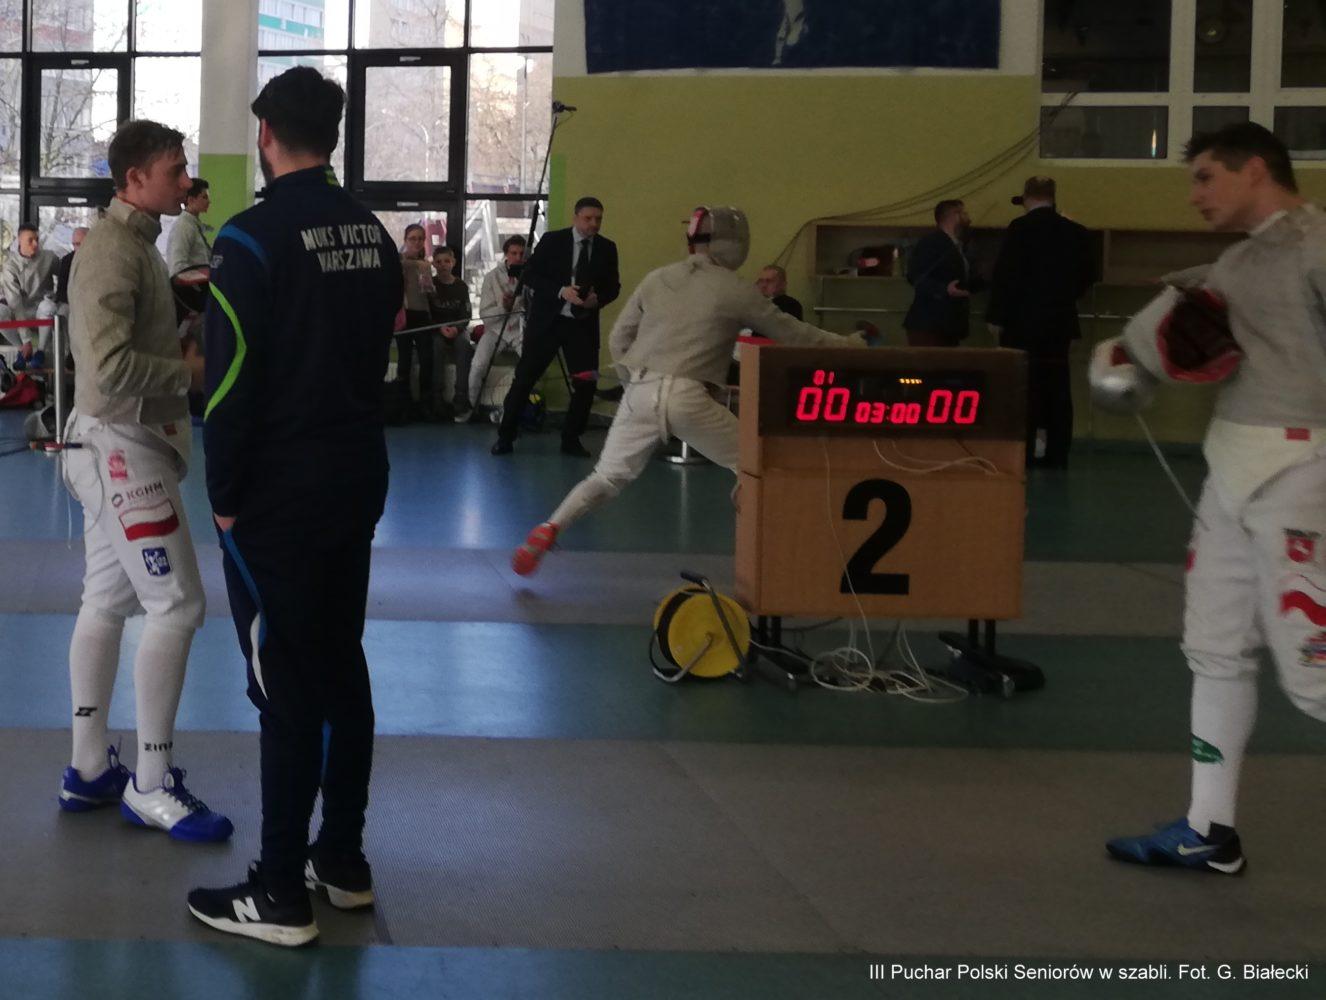 Puchar Polski Seniorów w szabli